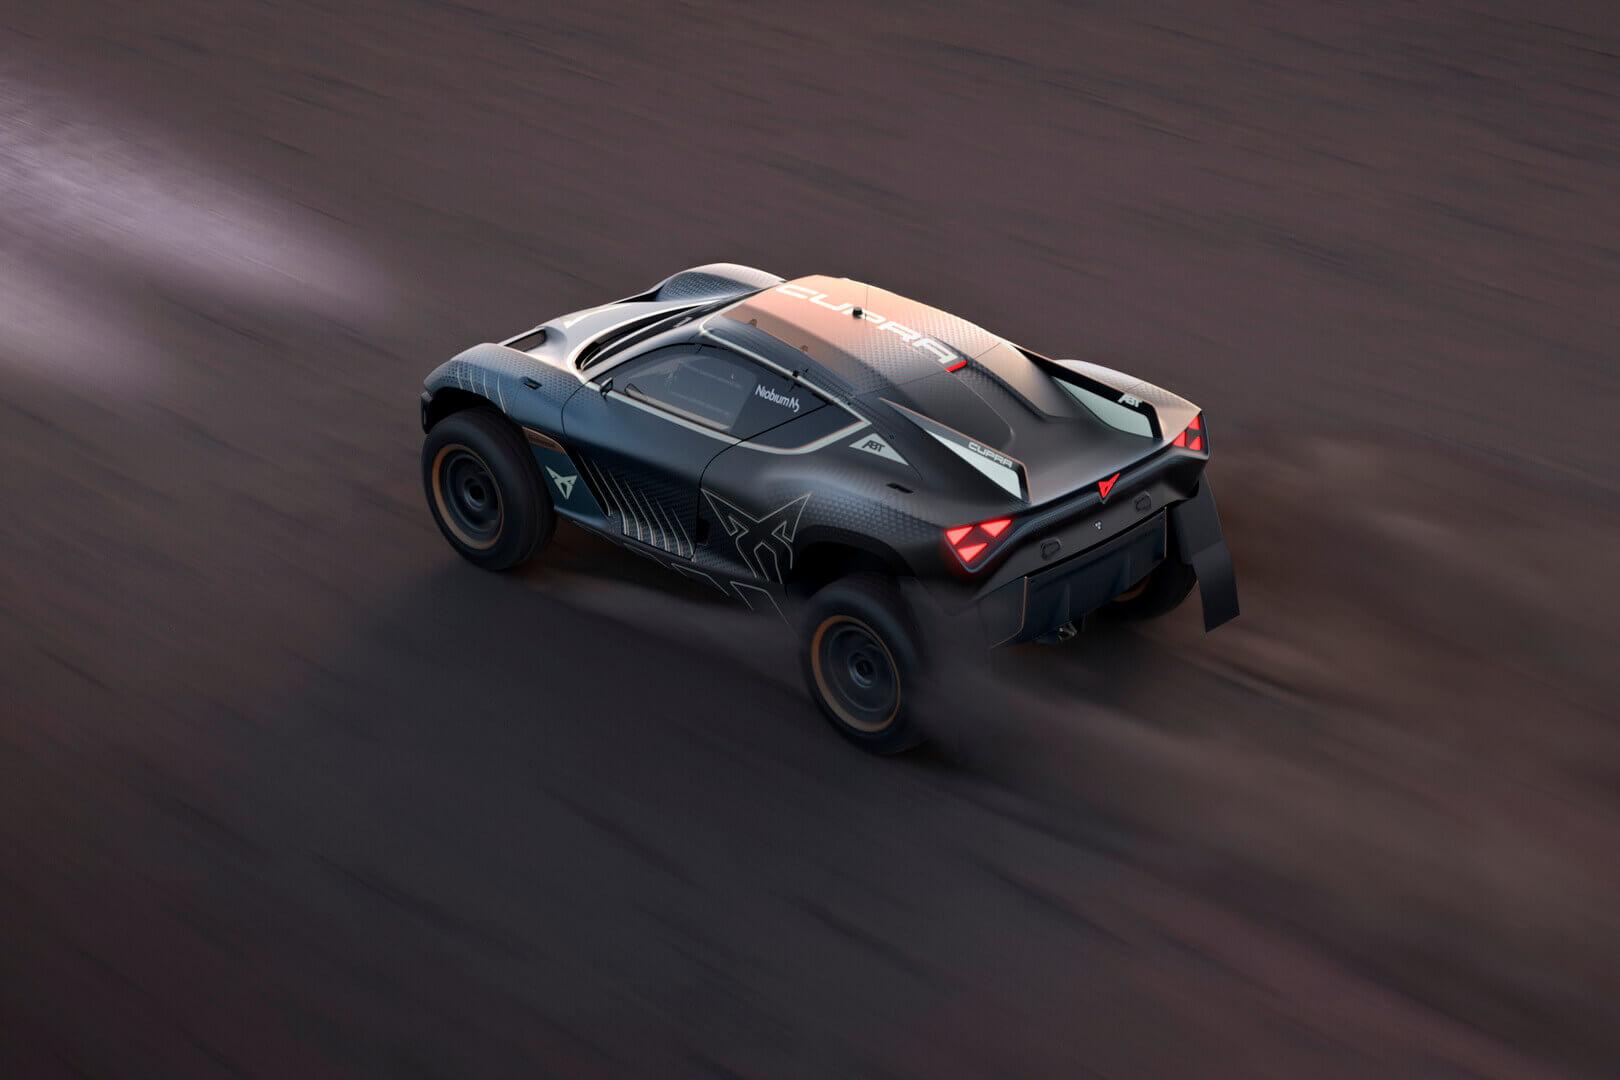 Концепт Cupra Tavascan Extreme-E намекает навторой серийный электромобиль бренда